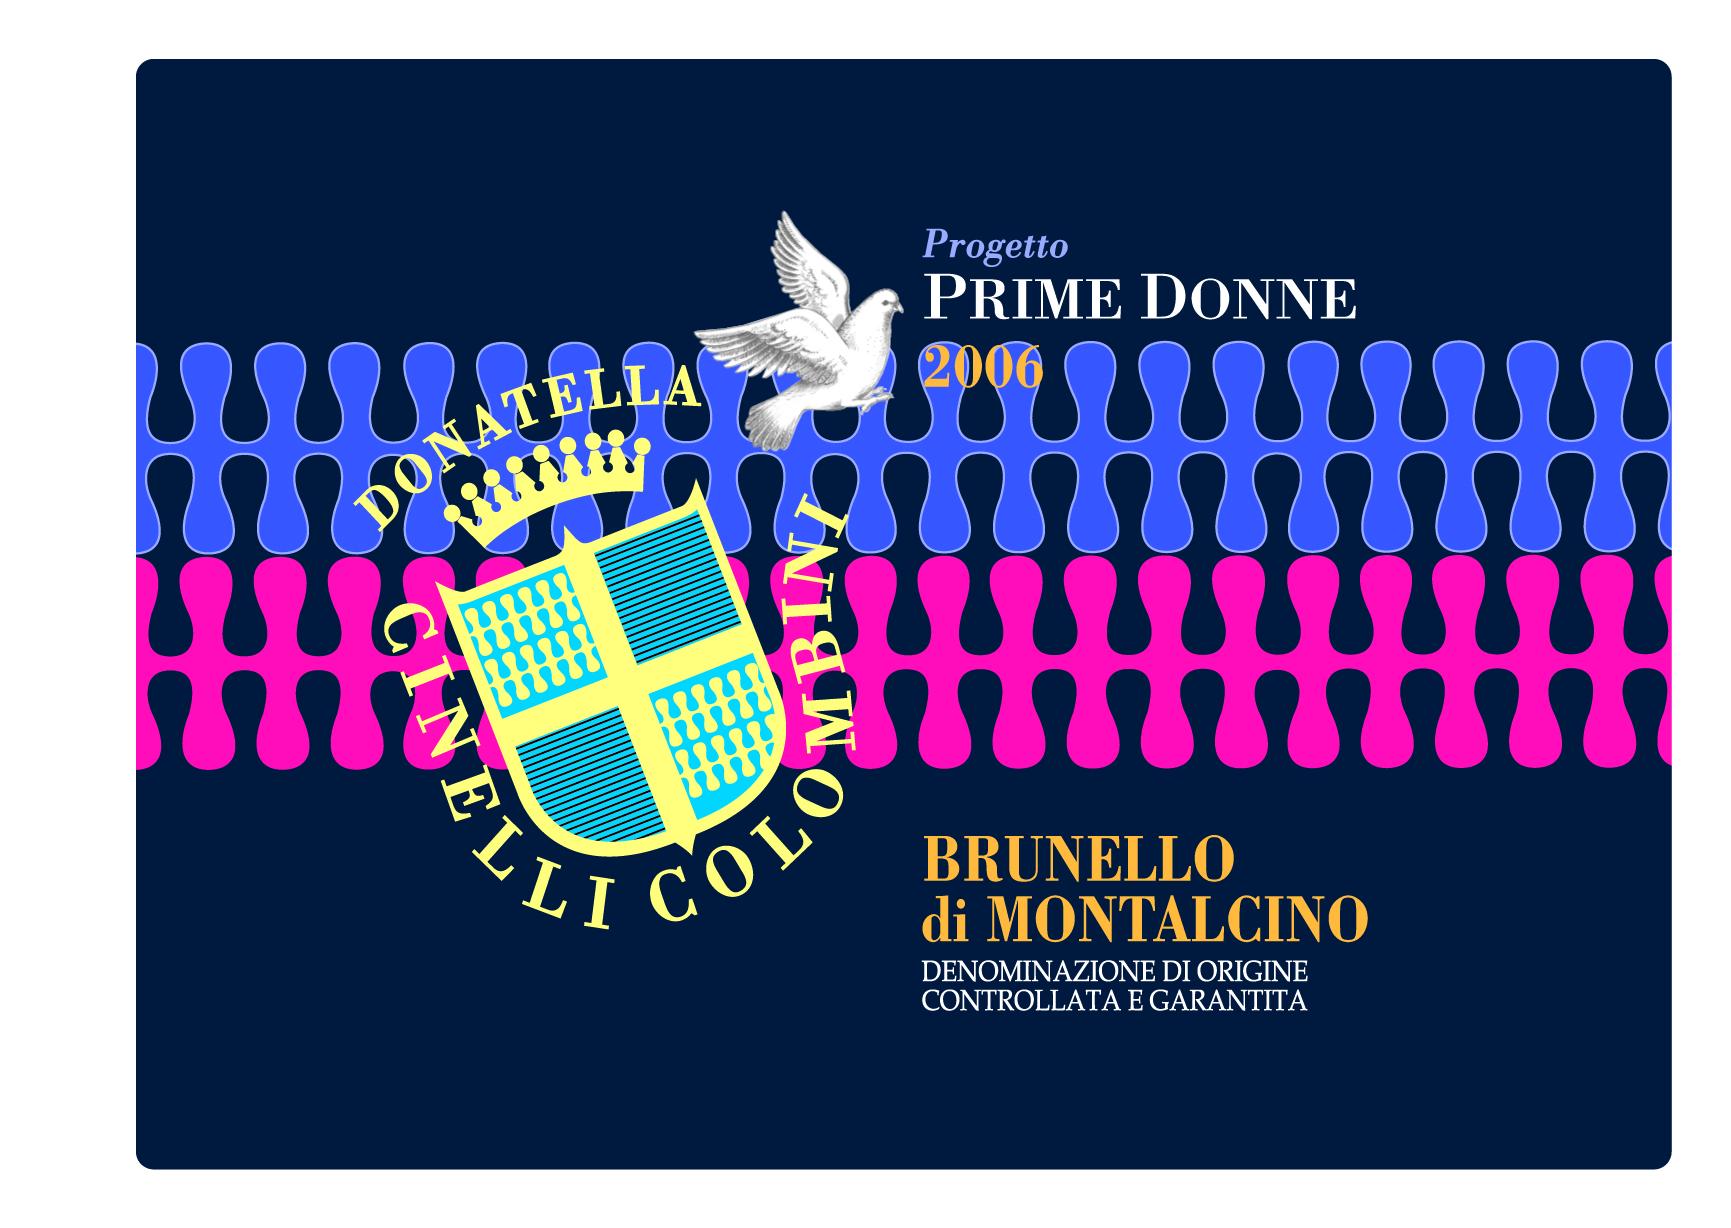 Brunello di Montalcino Prime Donne Docg